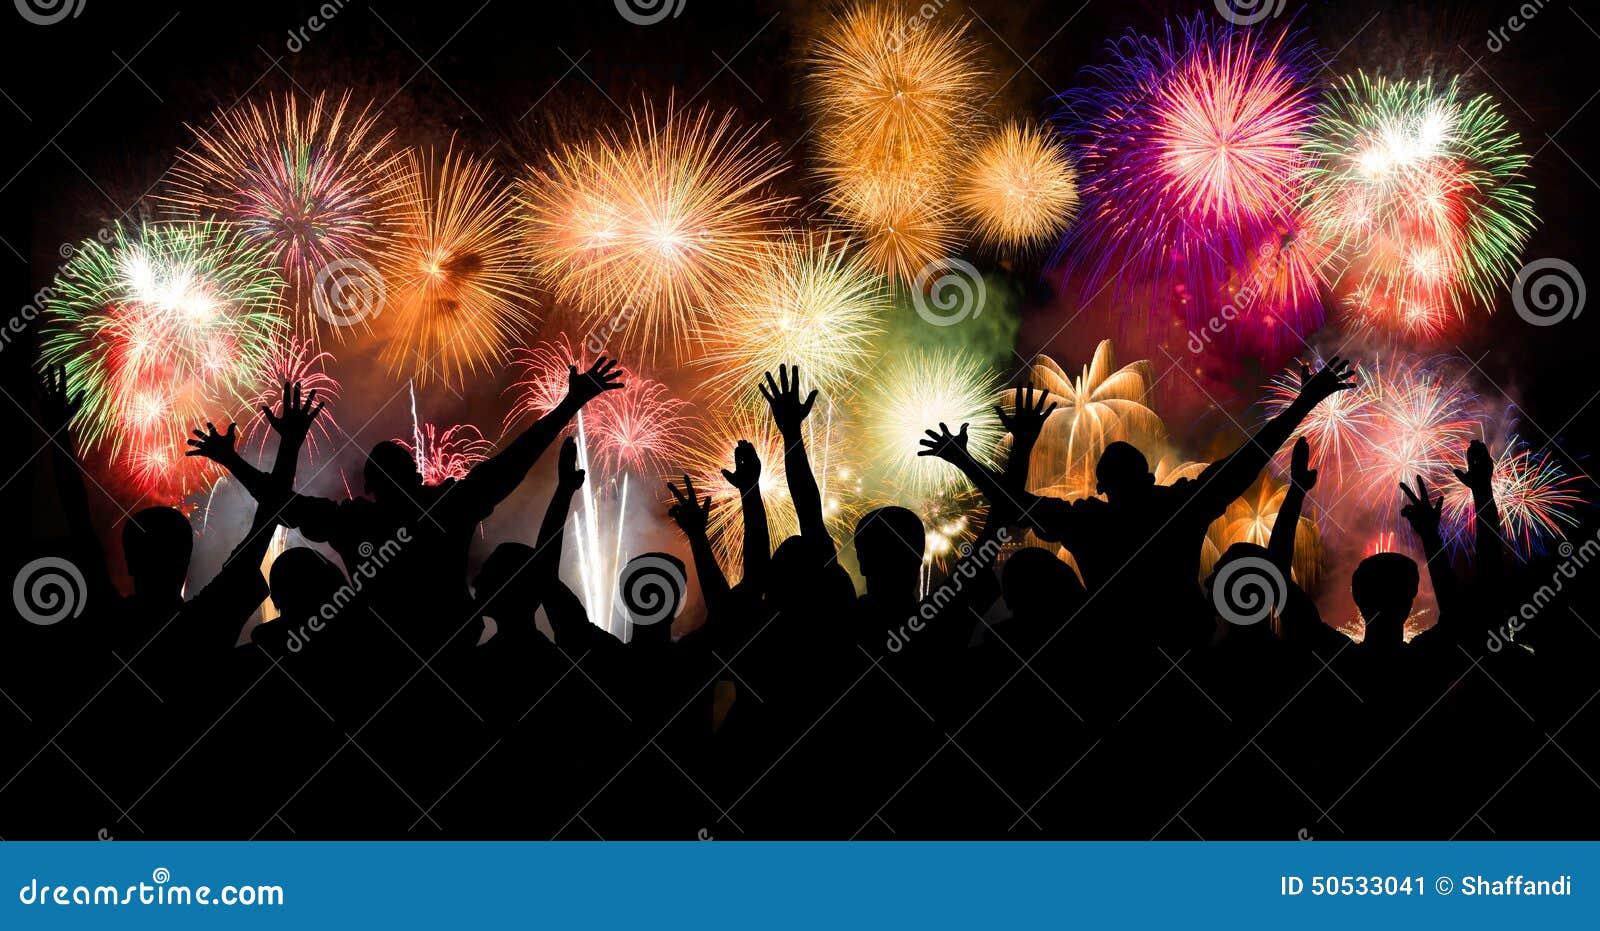 Il gruppo di persone che godono dei fuochi d artificio spettacolari mostra in un carnevale o in una festa